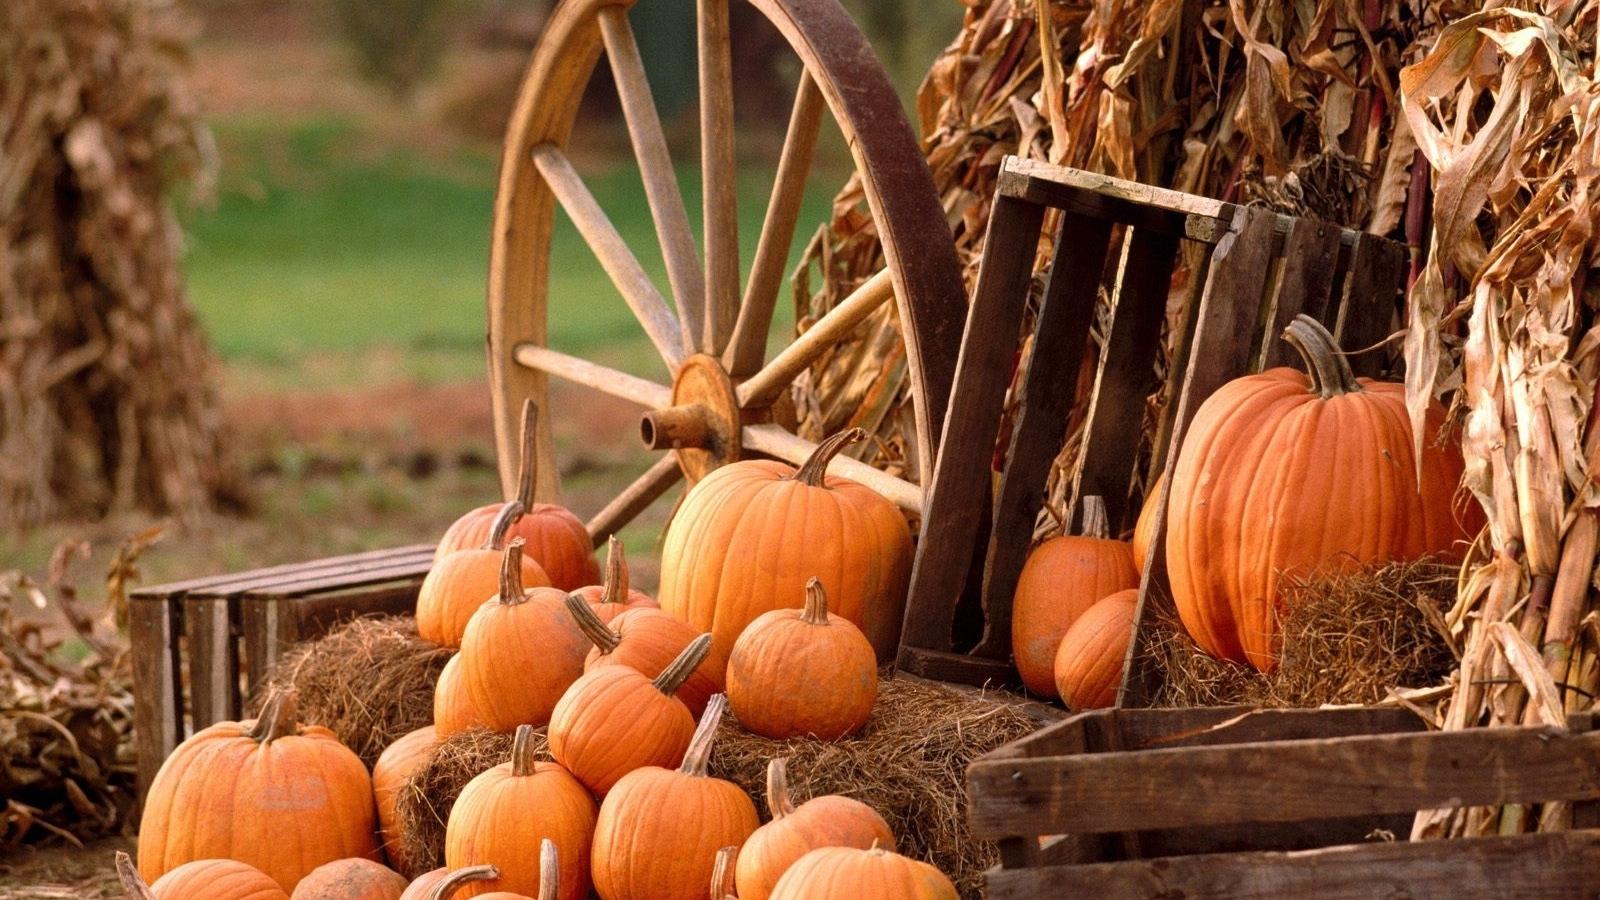 download wallpaper 1600x900 pumpkins, grass, autumn widescreen 16:9